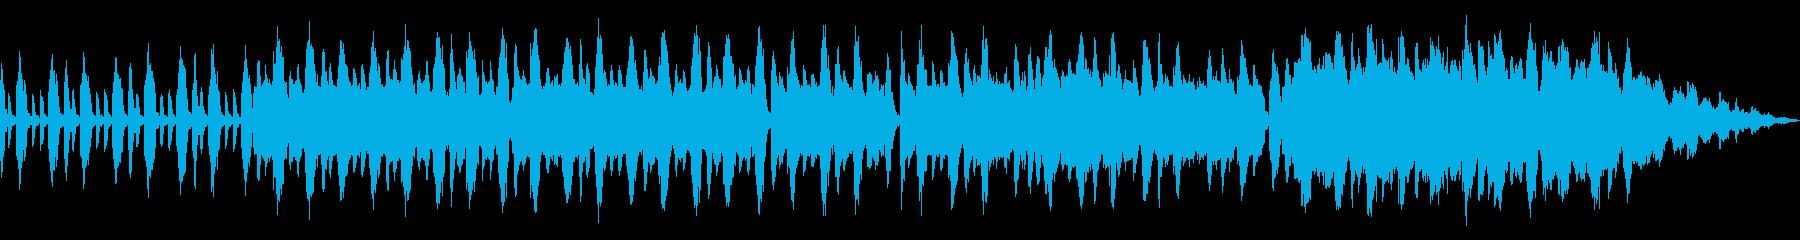 プラネタリウムに最適 幽玄で壮大な世界の再生済みの波形